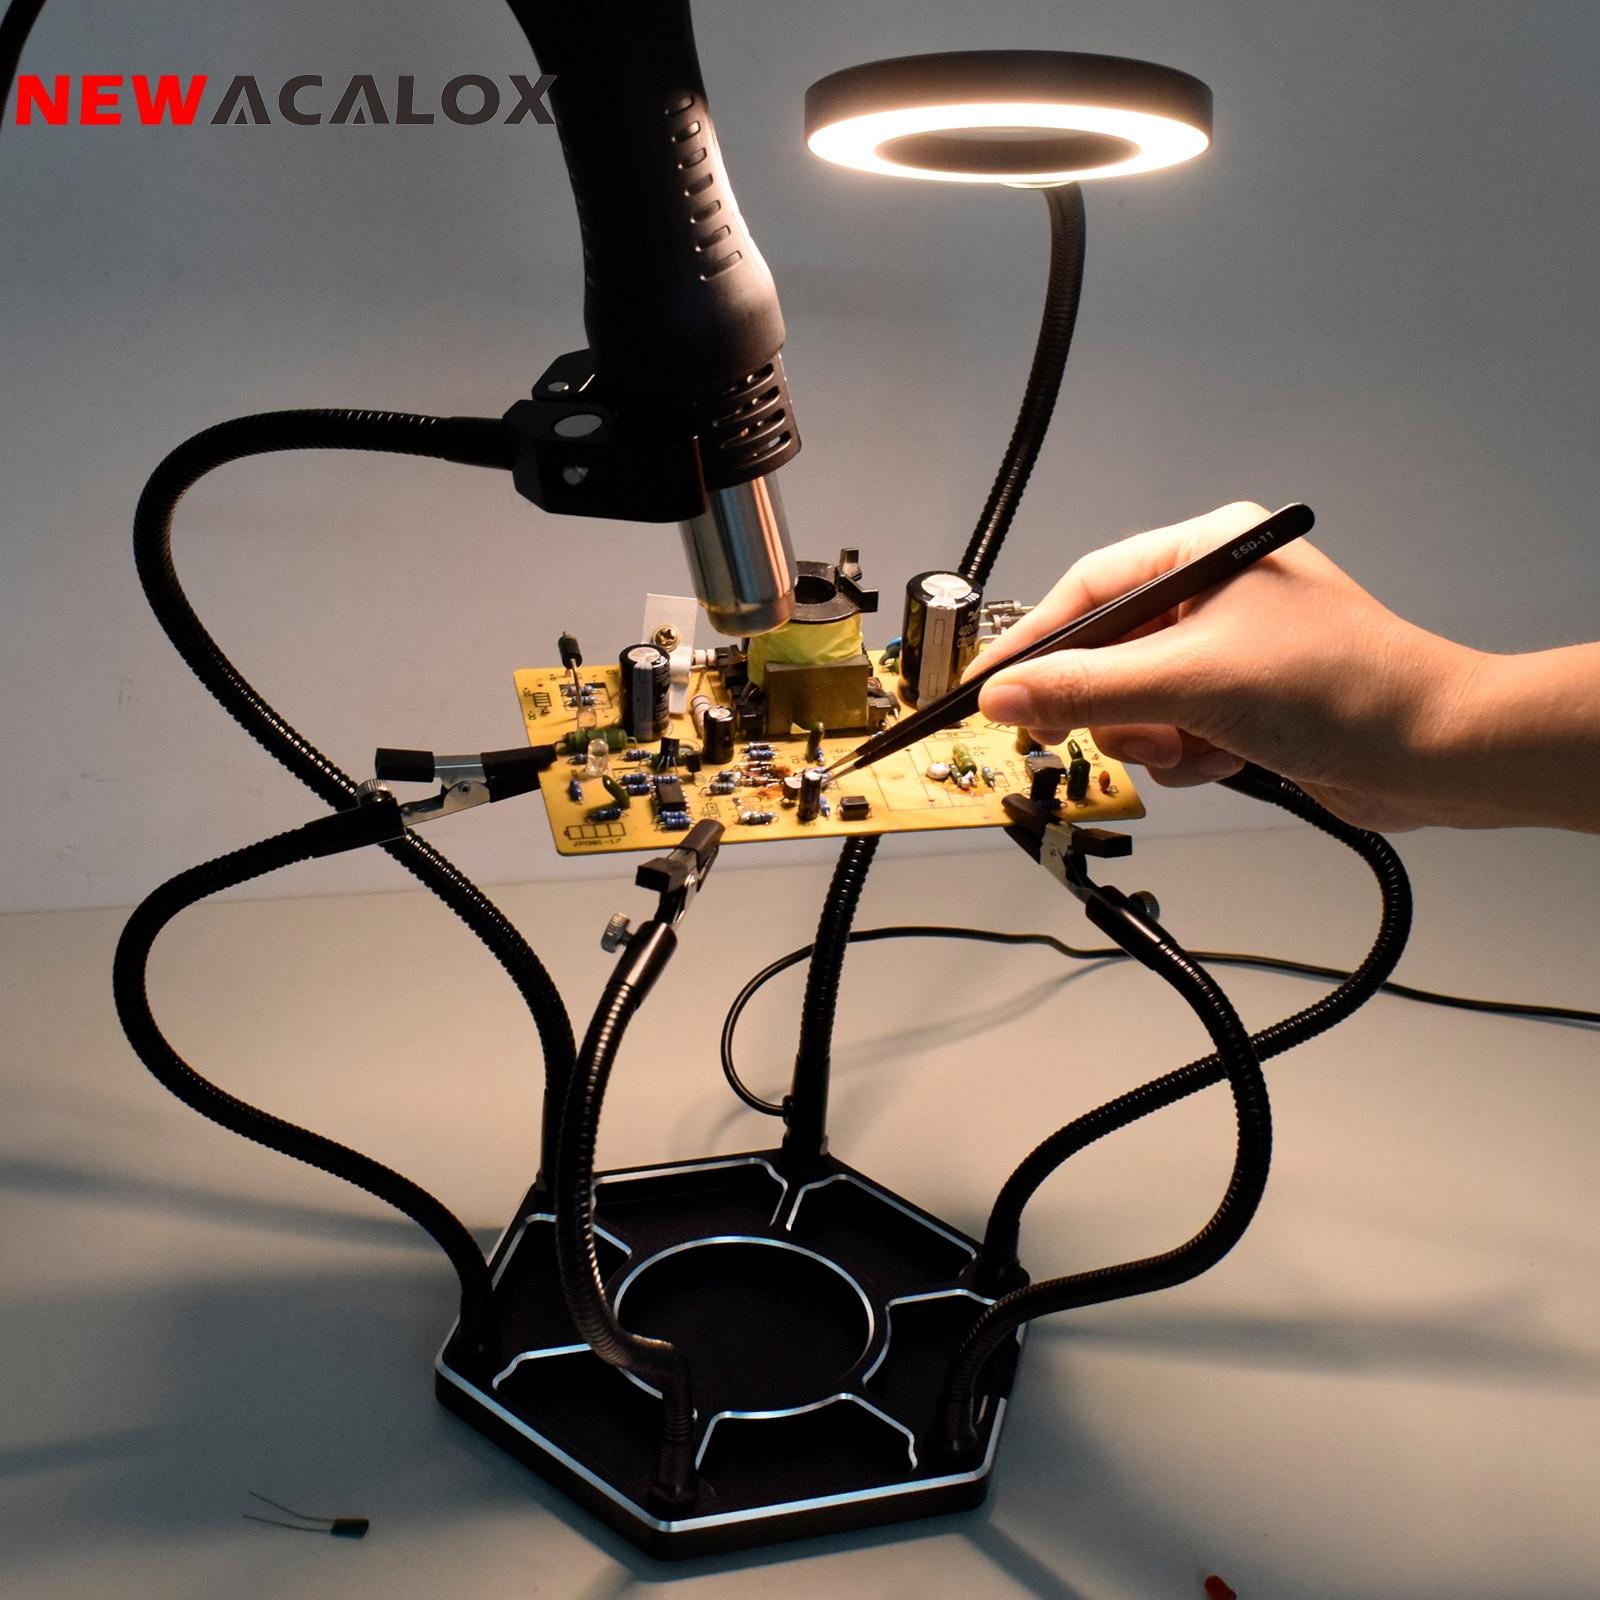 Паяльная станция NEWACALOX, третья рука, USB 3X LED, увеличительное стекло, с шариком для сварки и очистки, с держателем для термофена